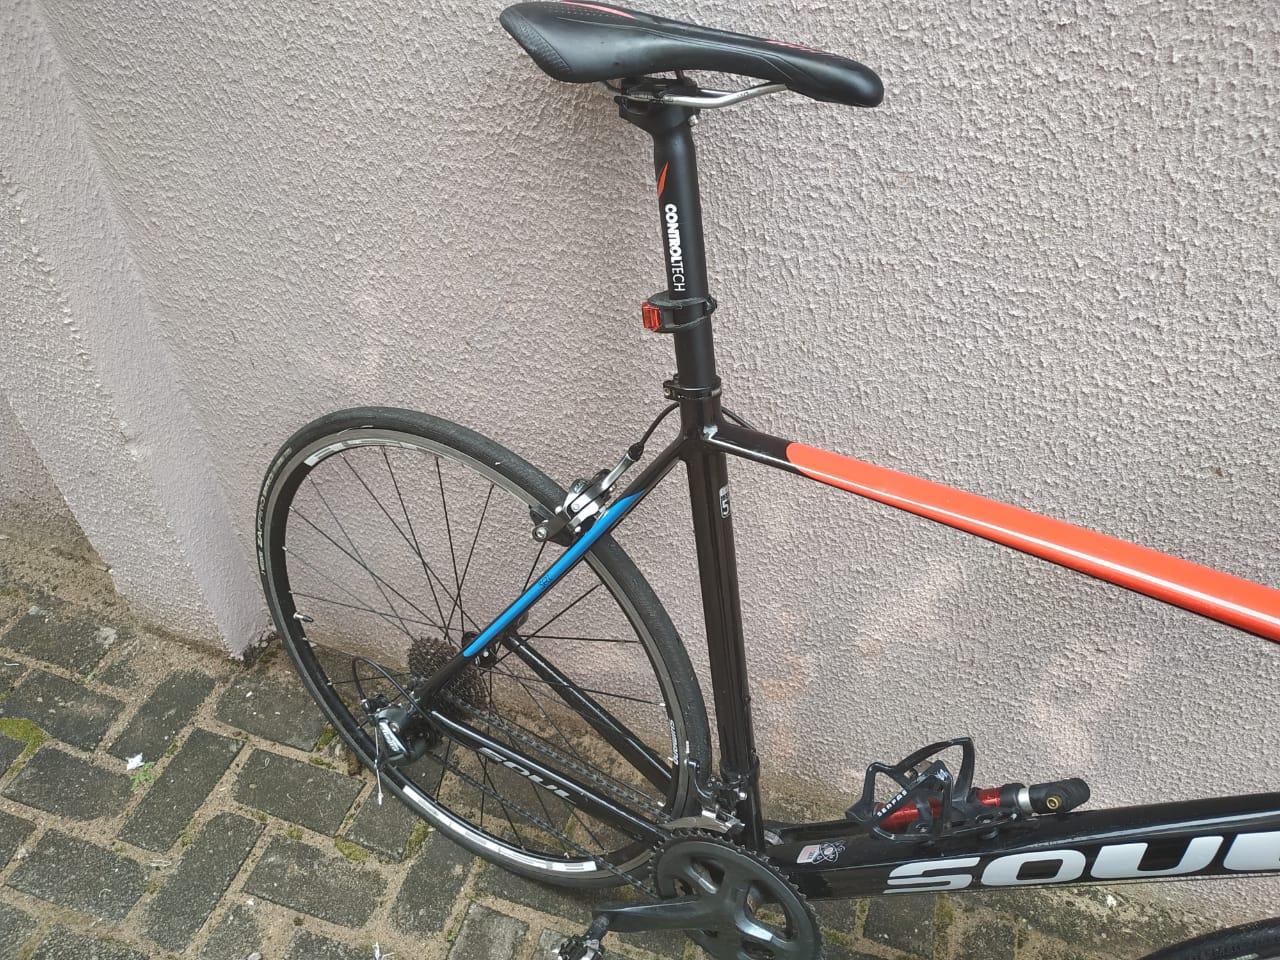 Bicicleta Speed Soul 3R1 Shimano Tiagra T57 20v (SEMI NOVA)